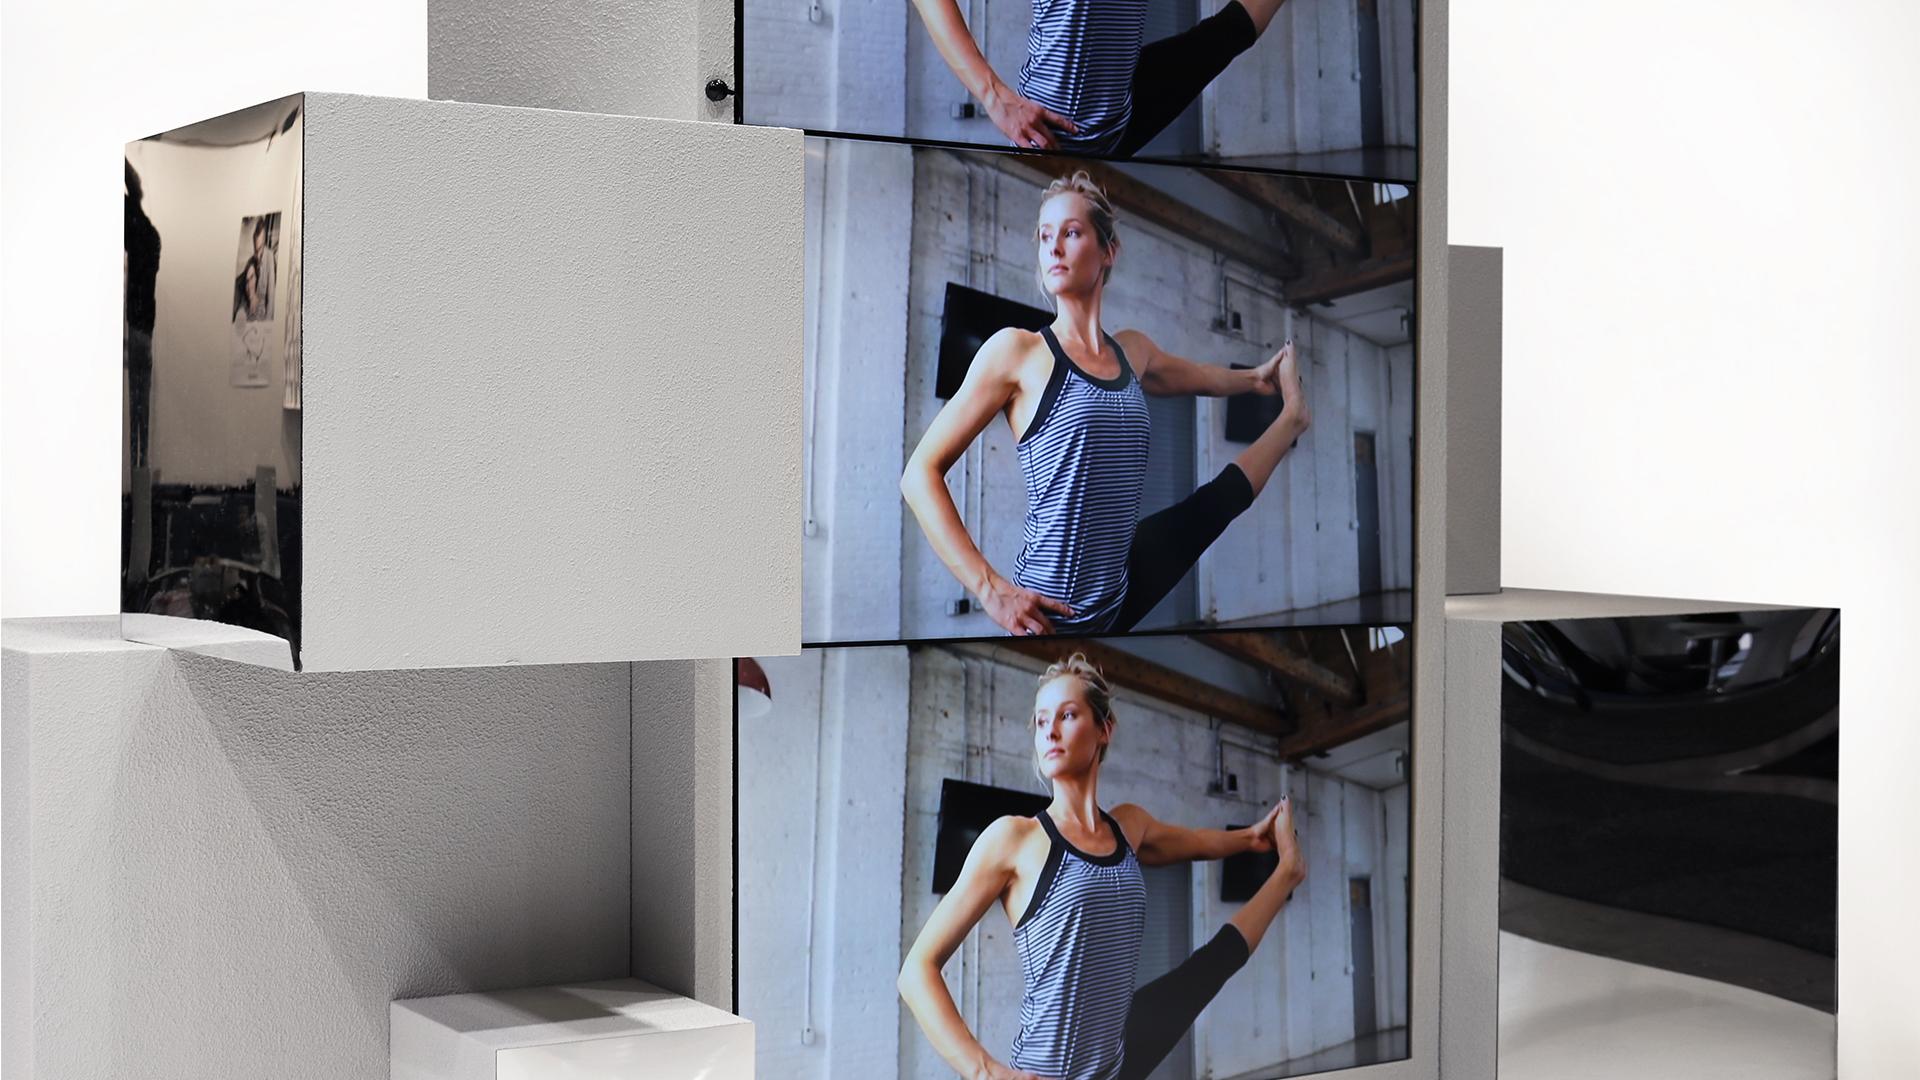 exhibition_stand2.jpg